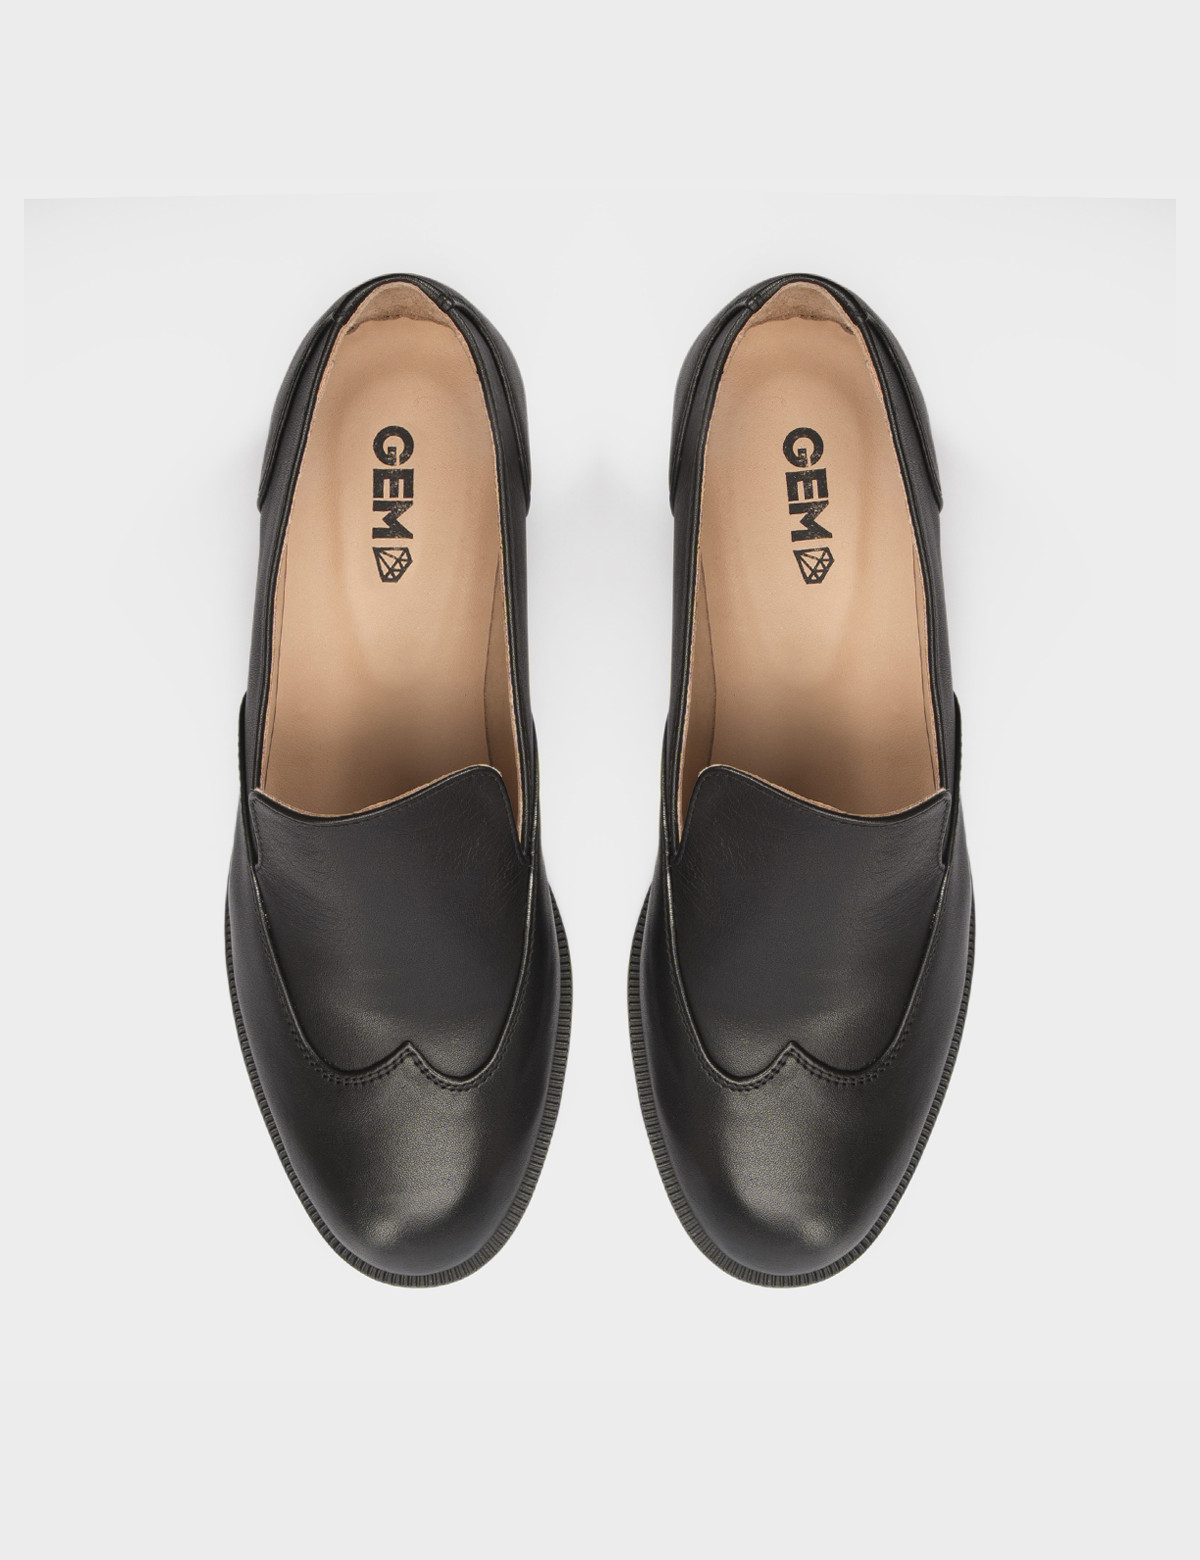 Туфлі чорні, натуральна шкіра4